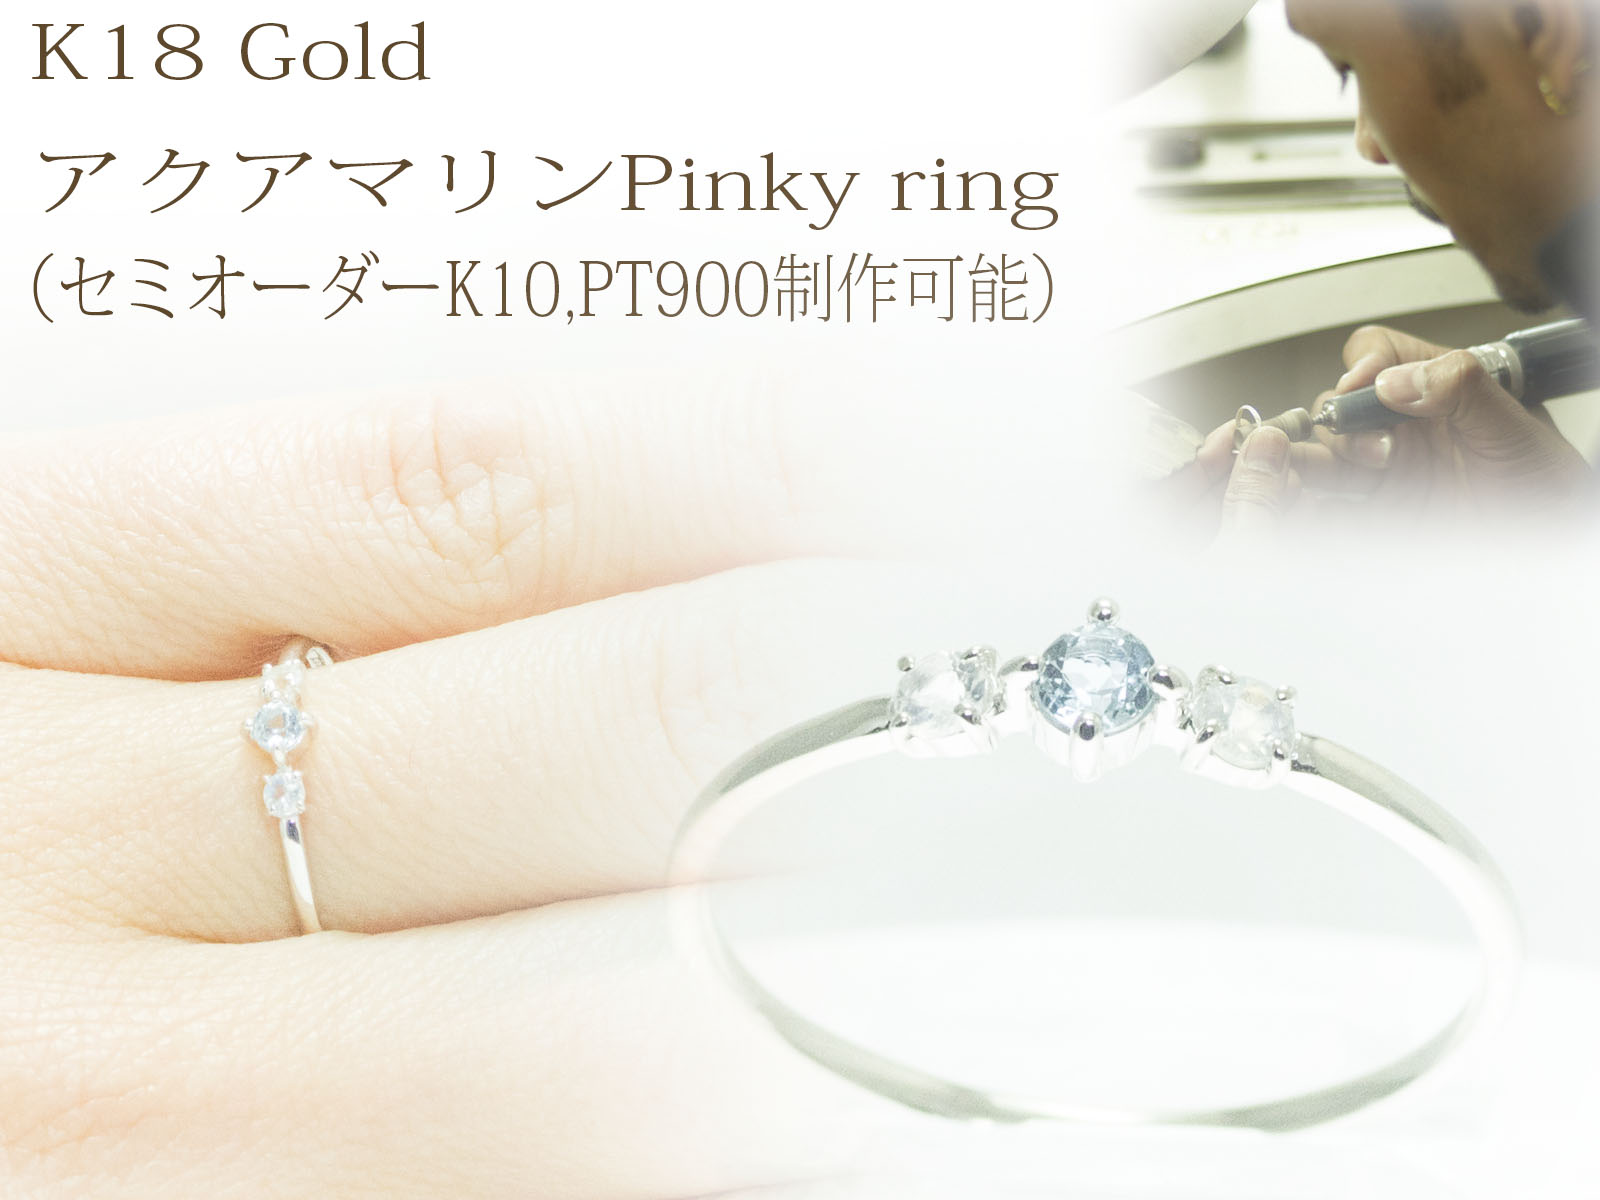 結婚指輪 マリッジリング K18 ゴールド アクアマリン ムーンストーン リング 18金 【 K10 PG ピンクゴールド WG ホワイトゴールド YG イエローゴールド pt900 プラチナ 選択】【サマーセール】